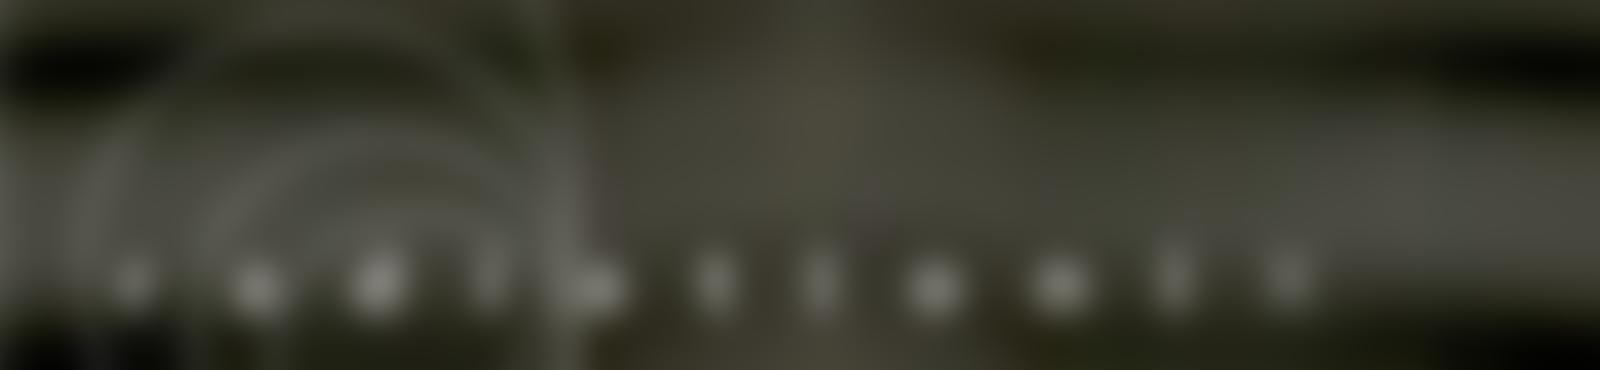 Blurred d703e650 286e 4de2 be45 aa2d88c09616